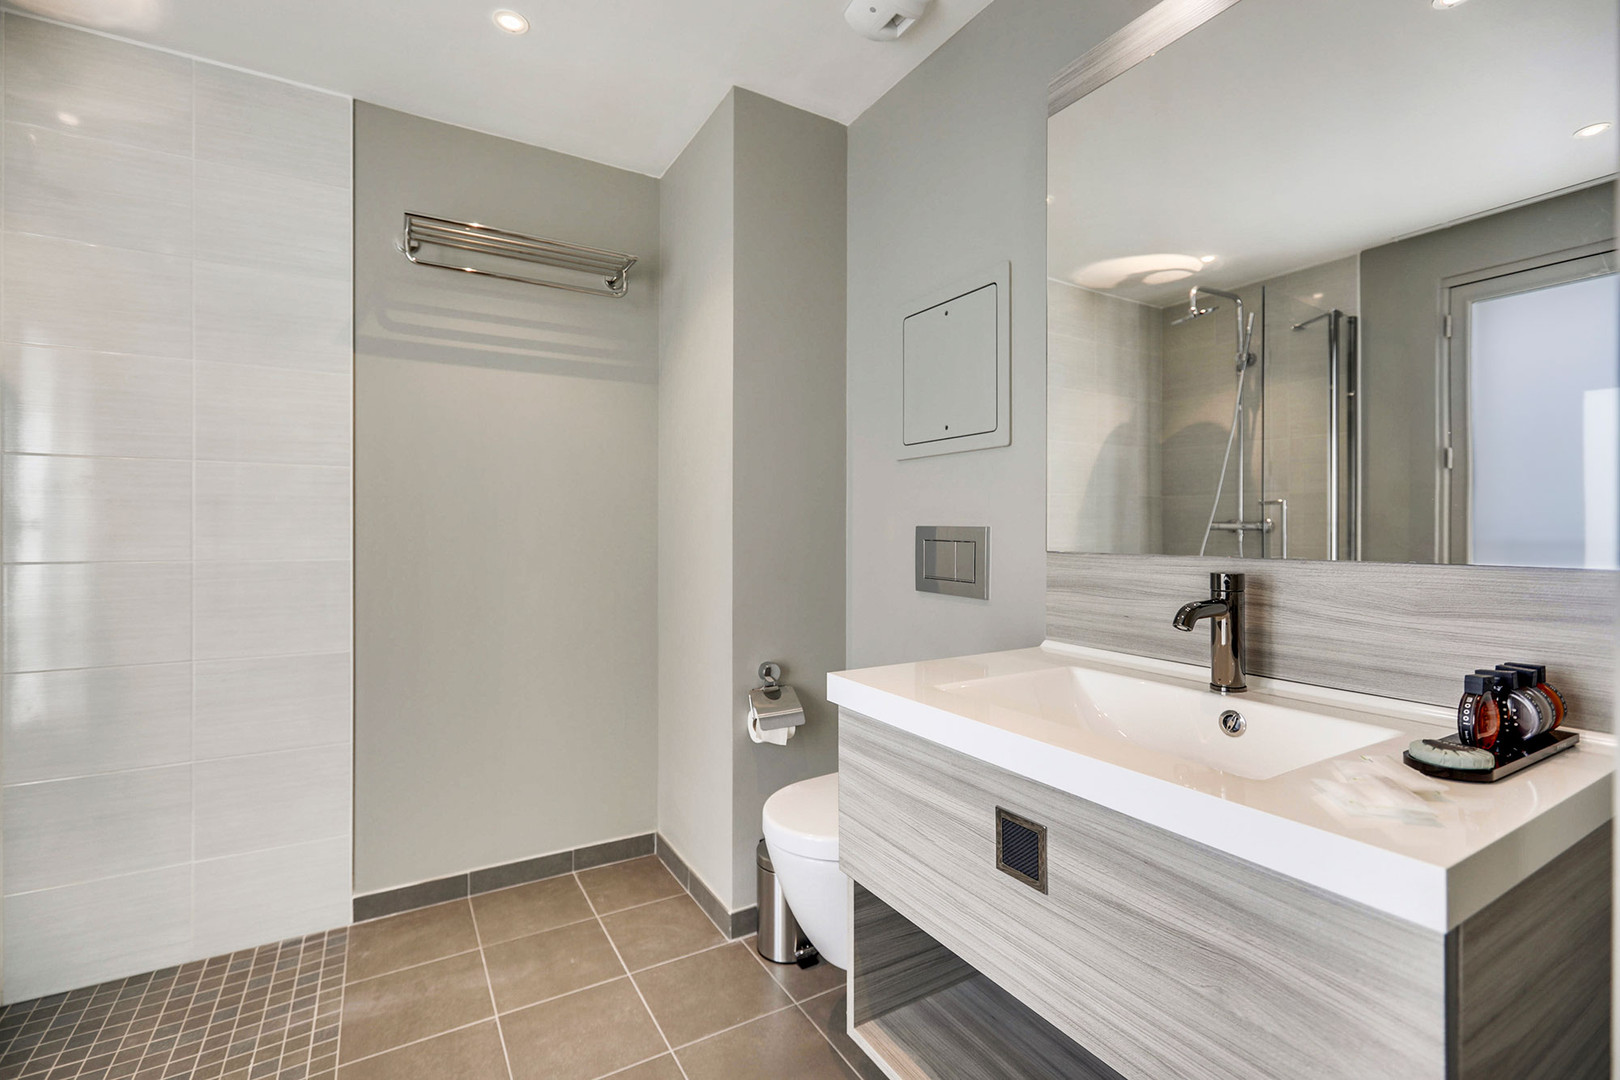 Interior-Bath-0C1A8922.jpg